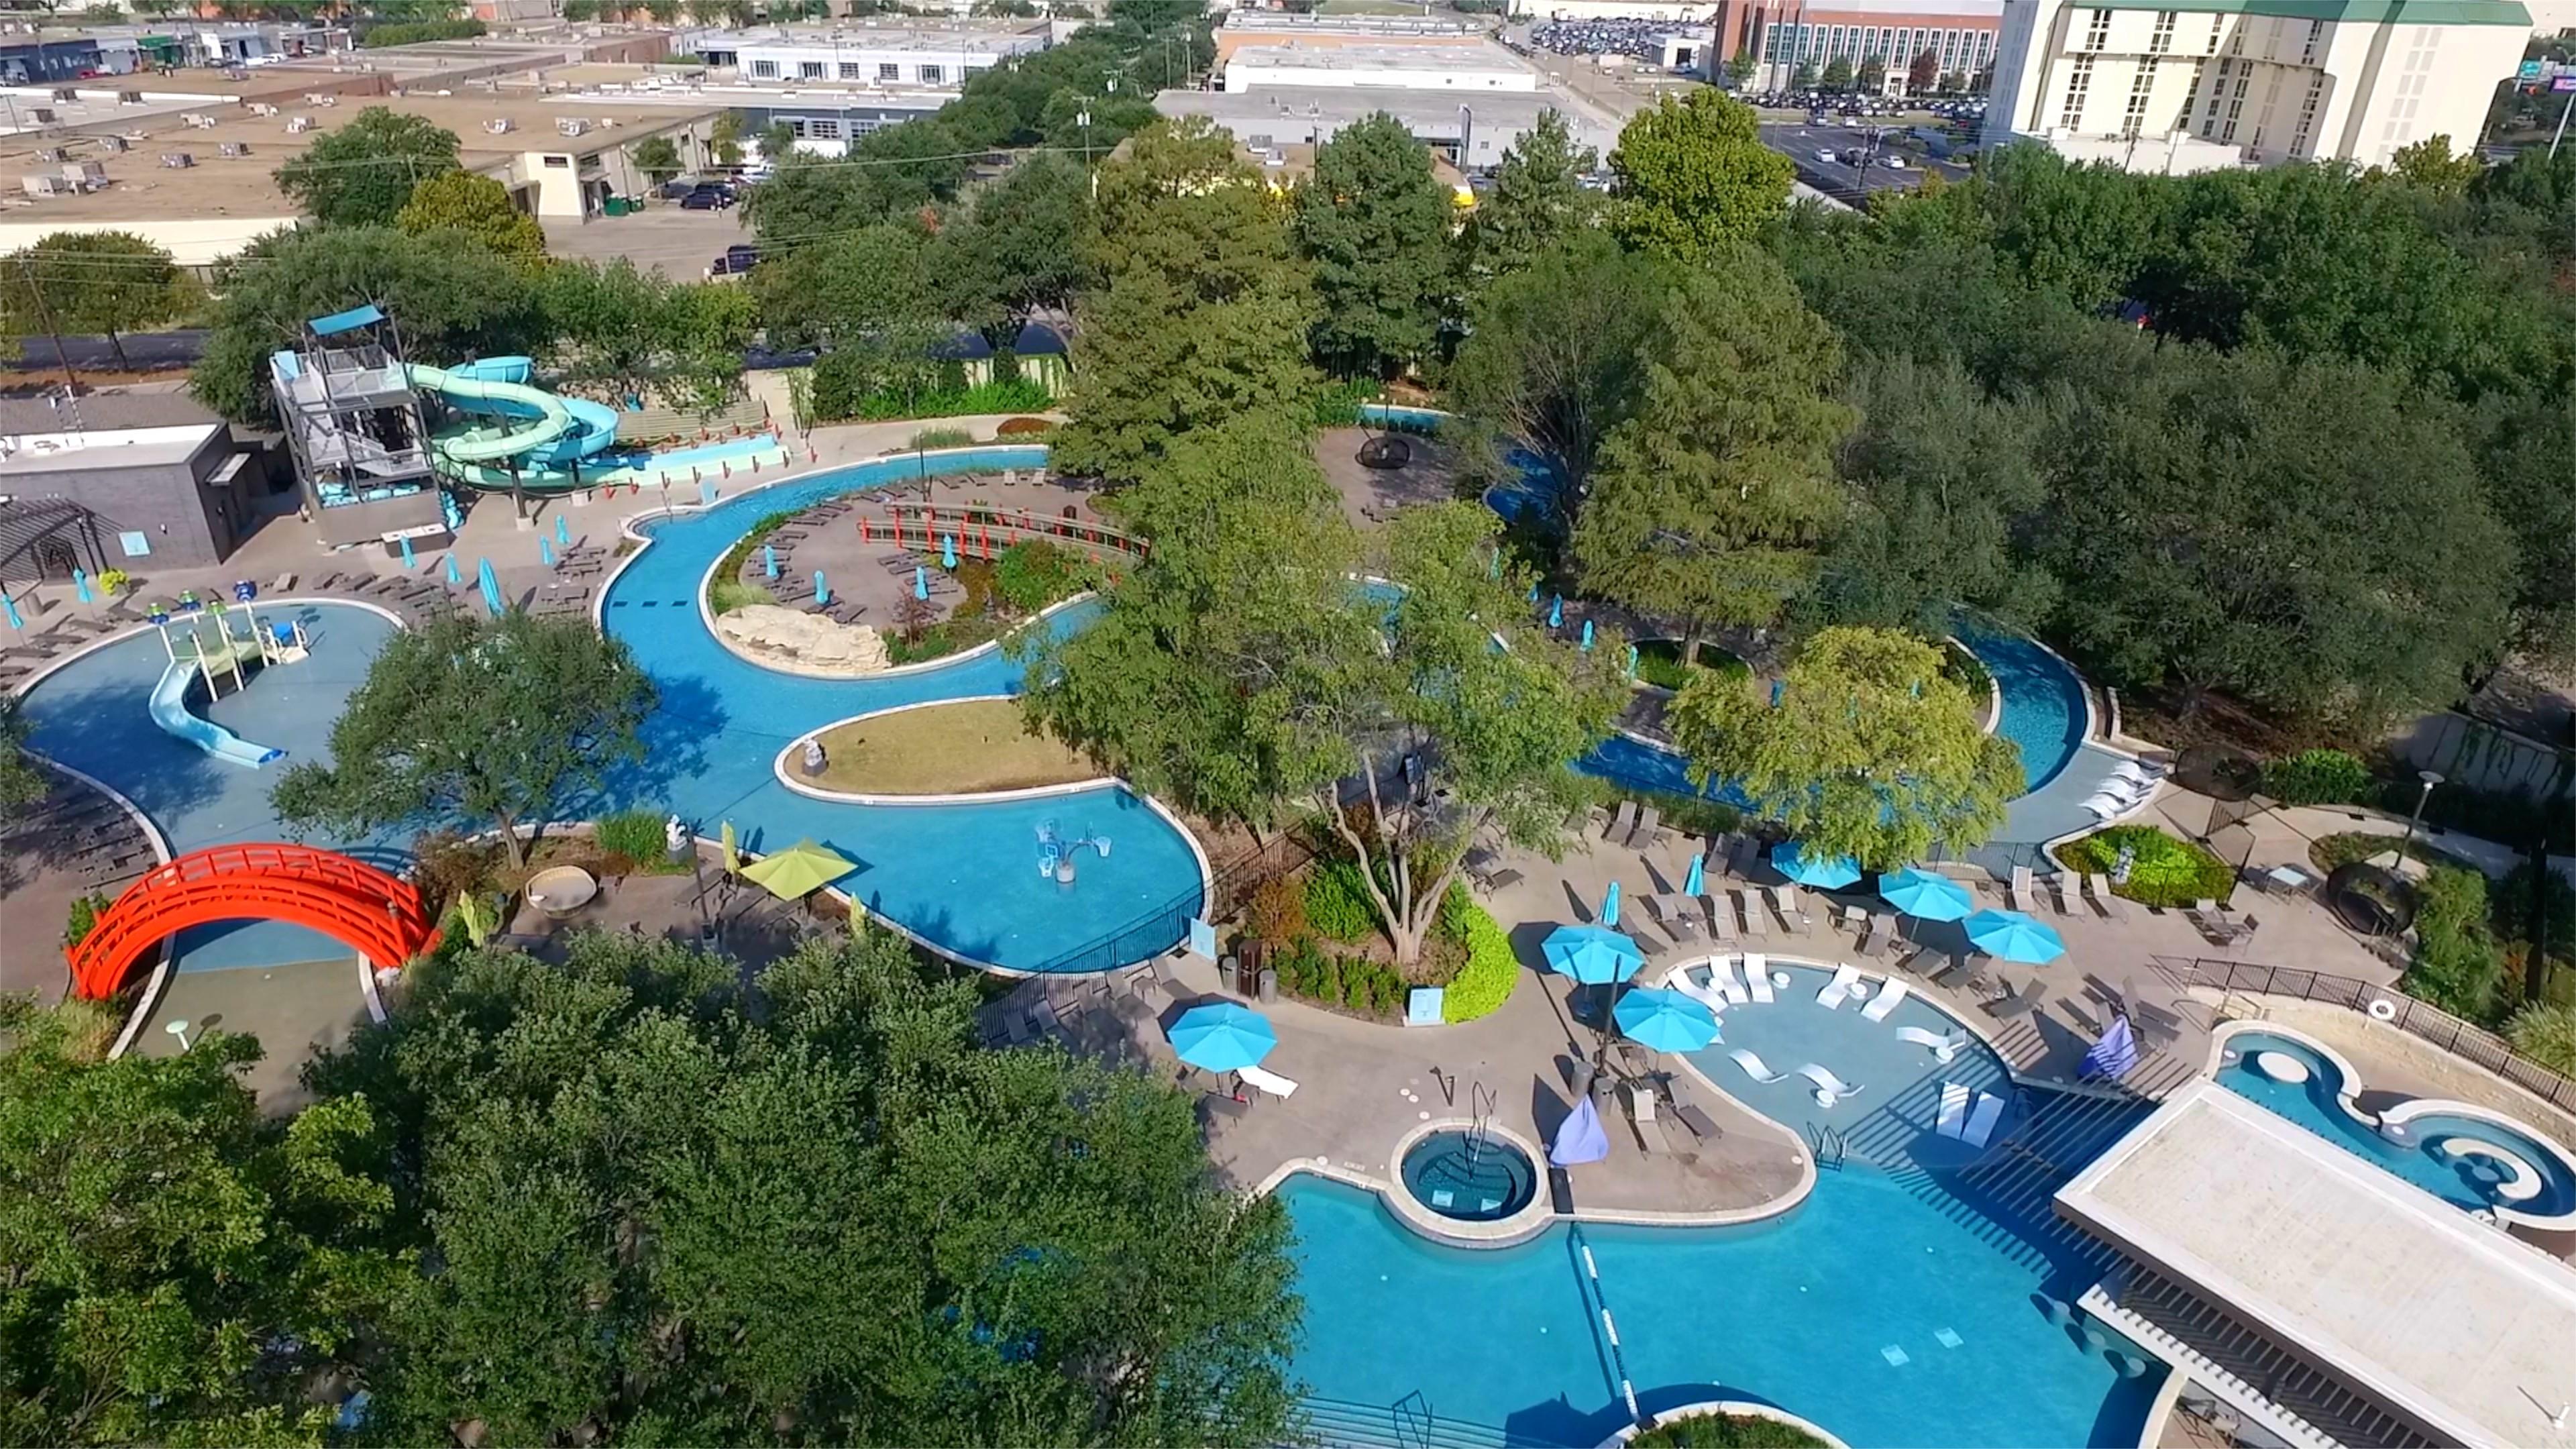 The Hilton Anatole Hotel Jade Waters Pool Complex Bomanite